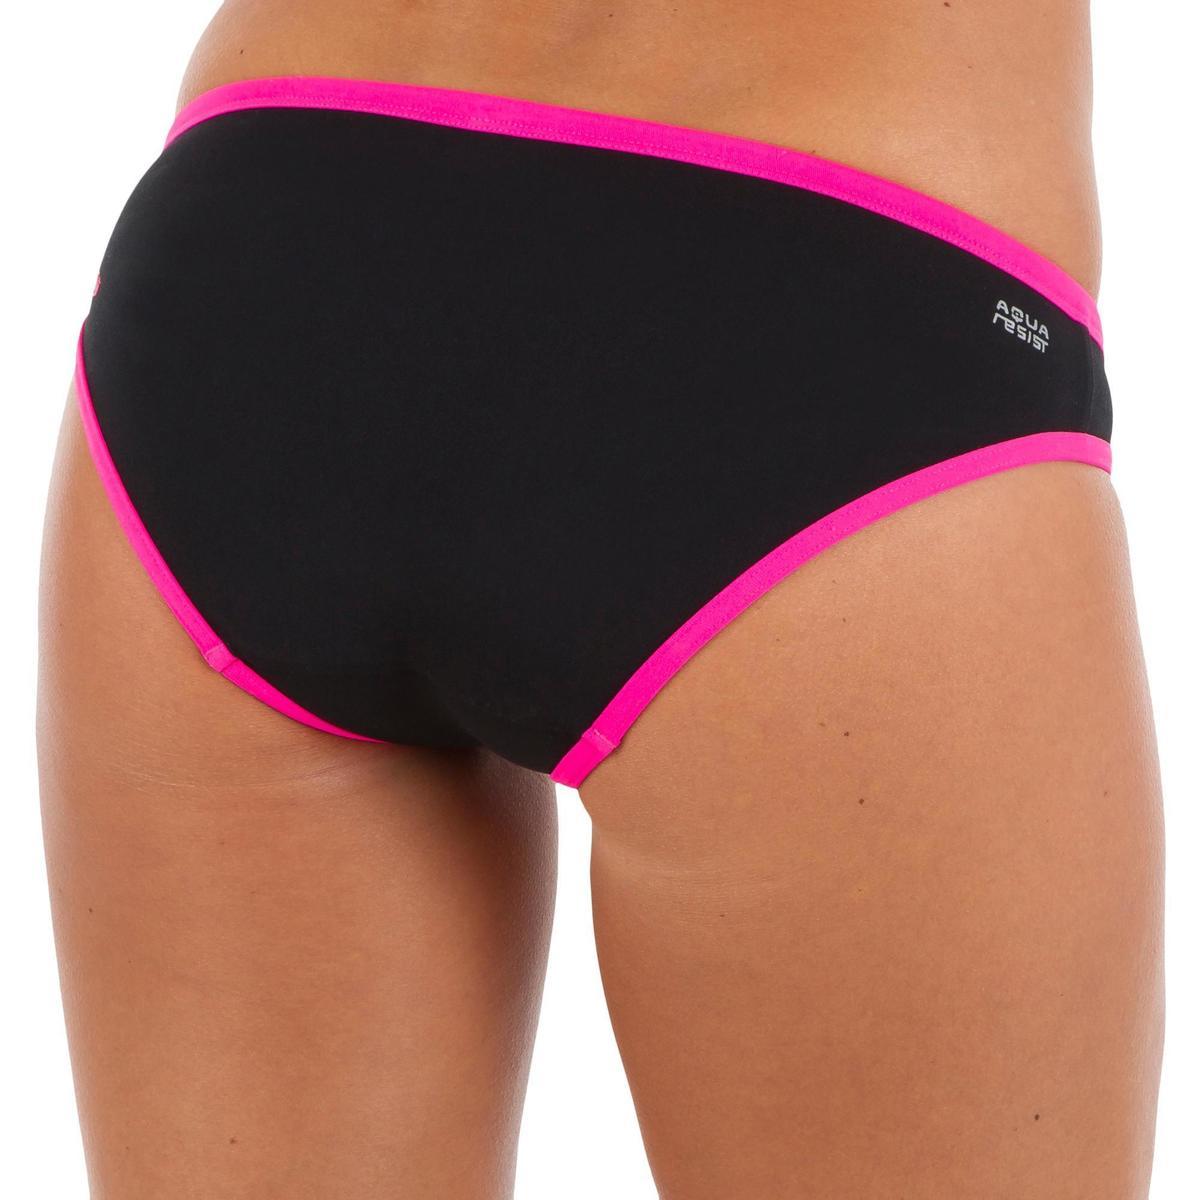 Bild 3 von Bikinihose Jade chlorresistent Damen schwarz/rosa